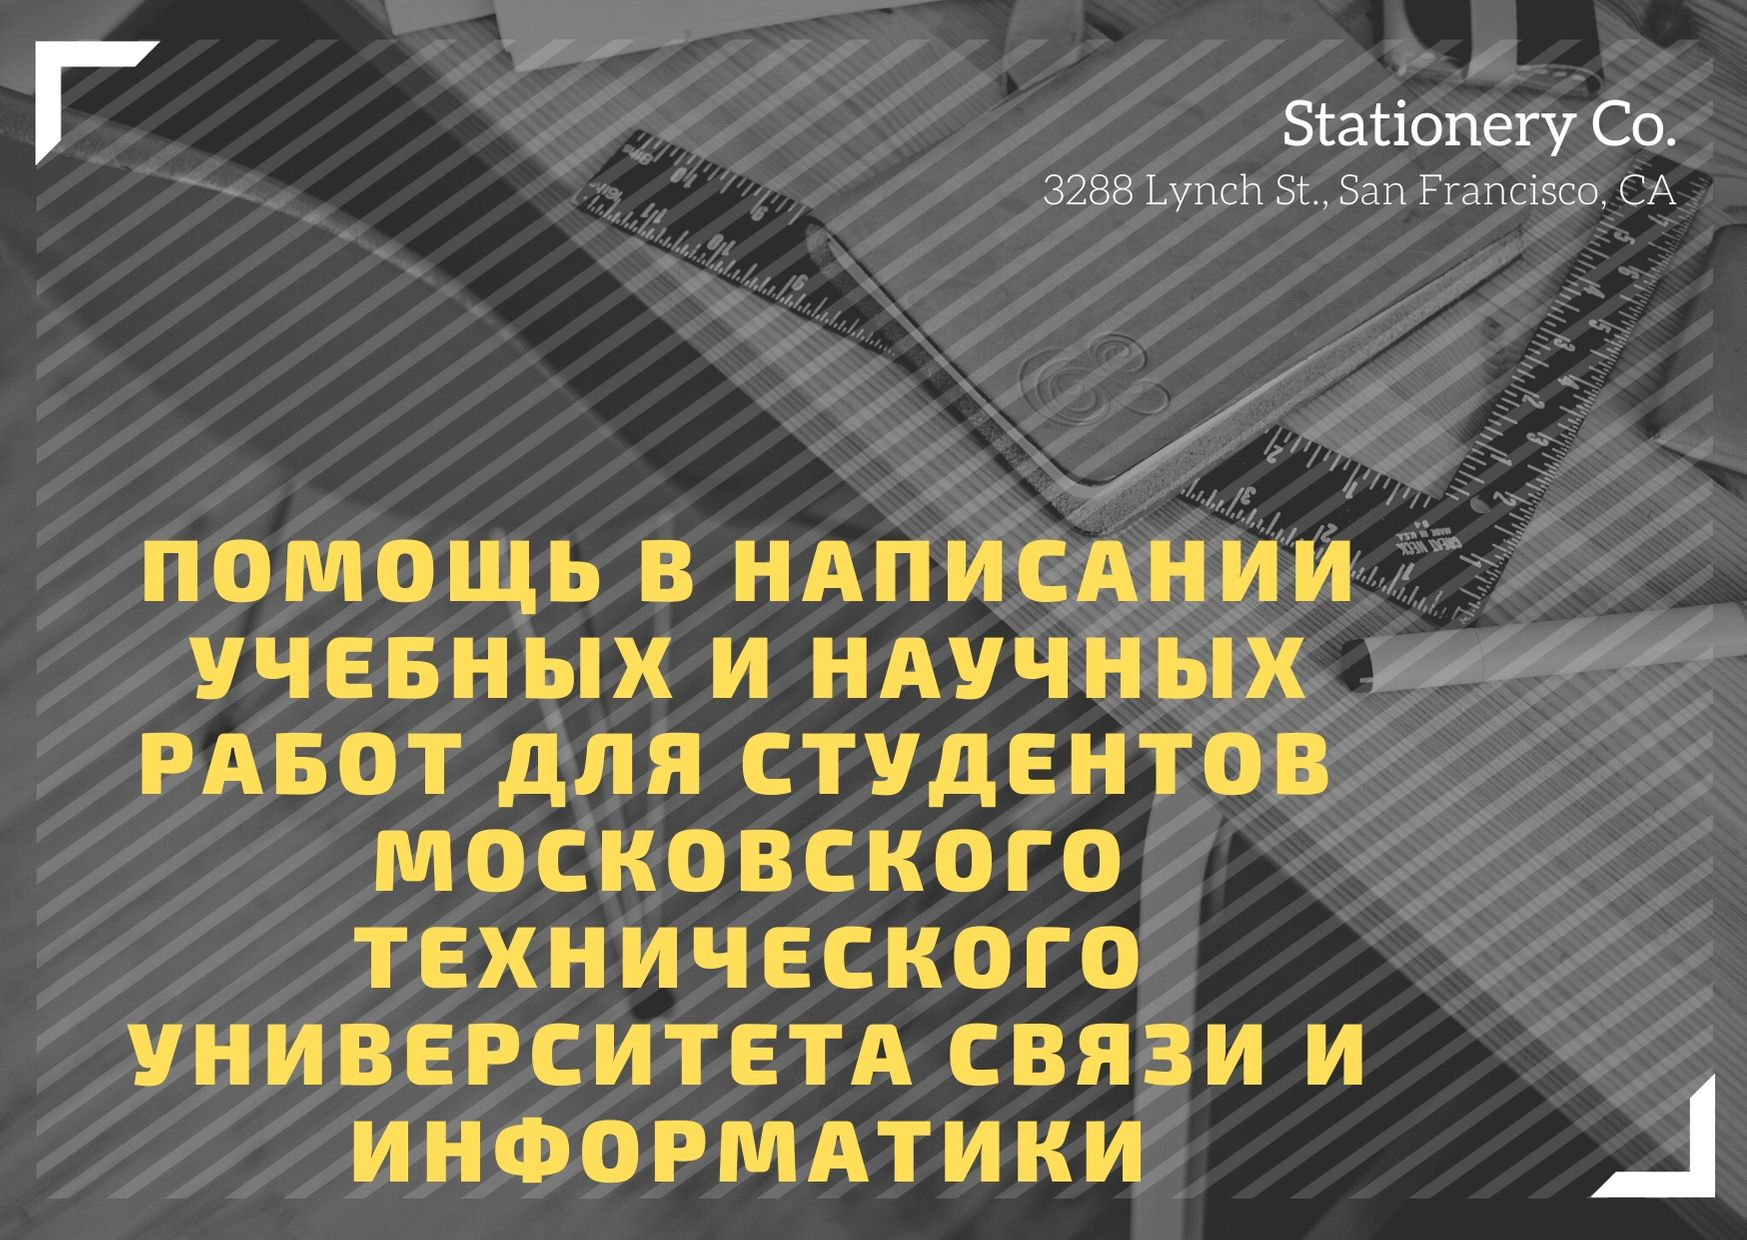 Помощь в написании учебных и научных работ для студентов Московского технического университета связи и информатики